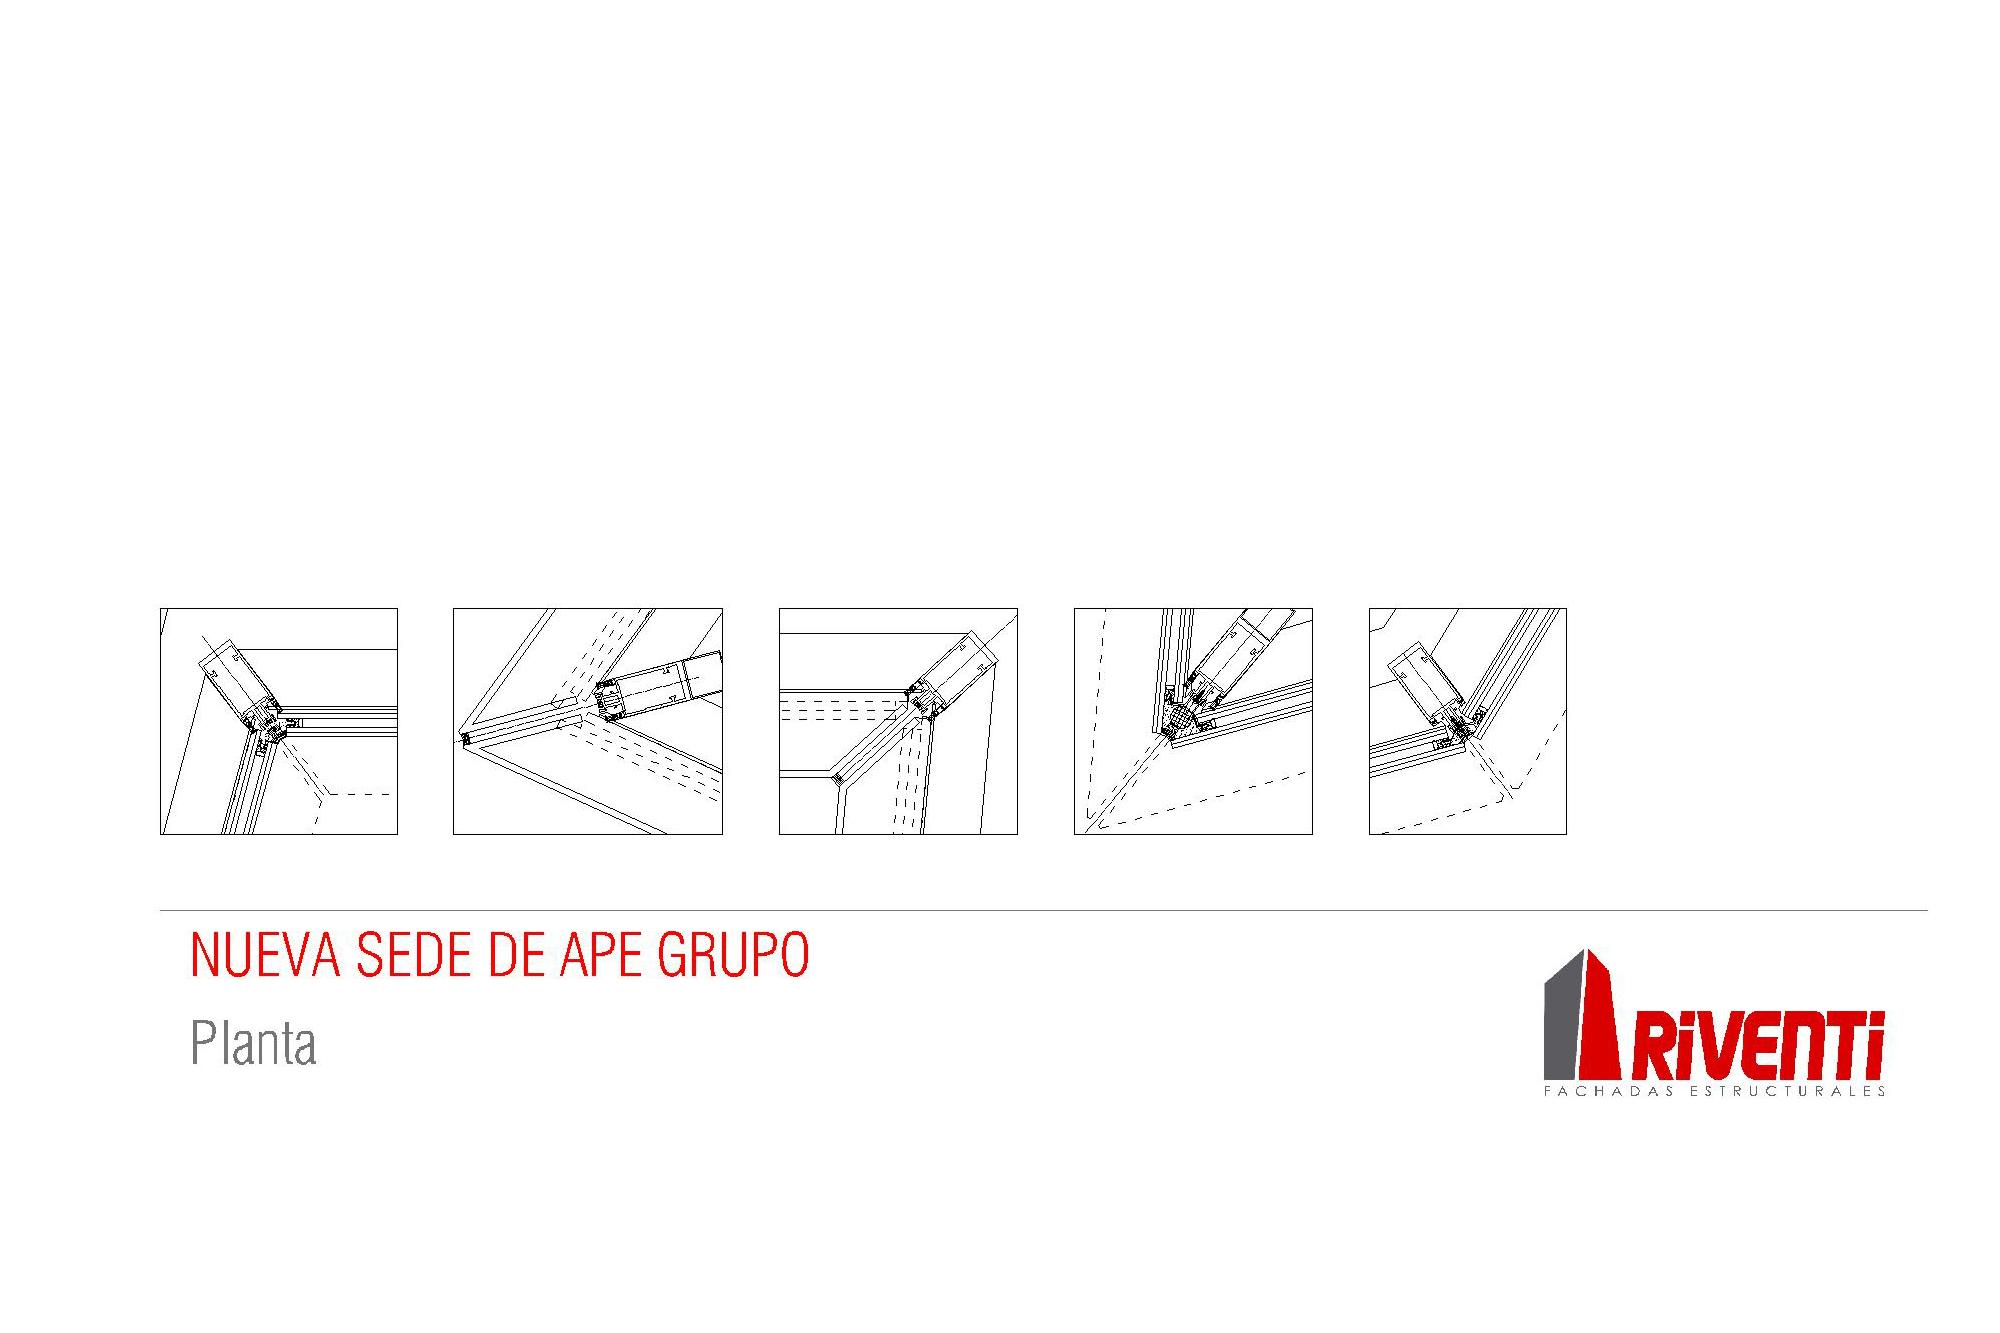 Fachada-GRC-APE-Grupo-detalle-constructivo-muro-cortina (2)